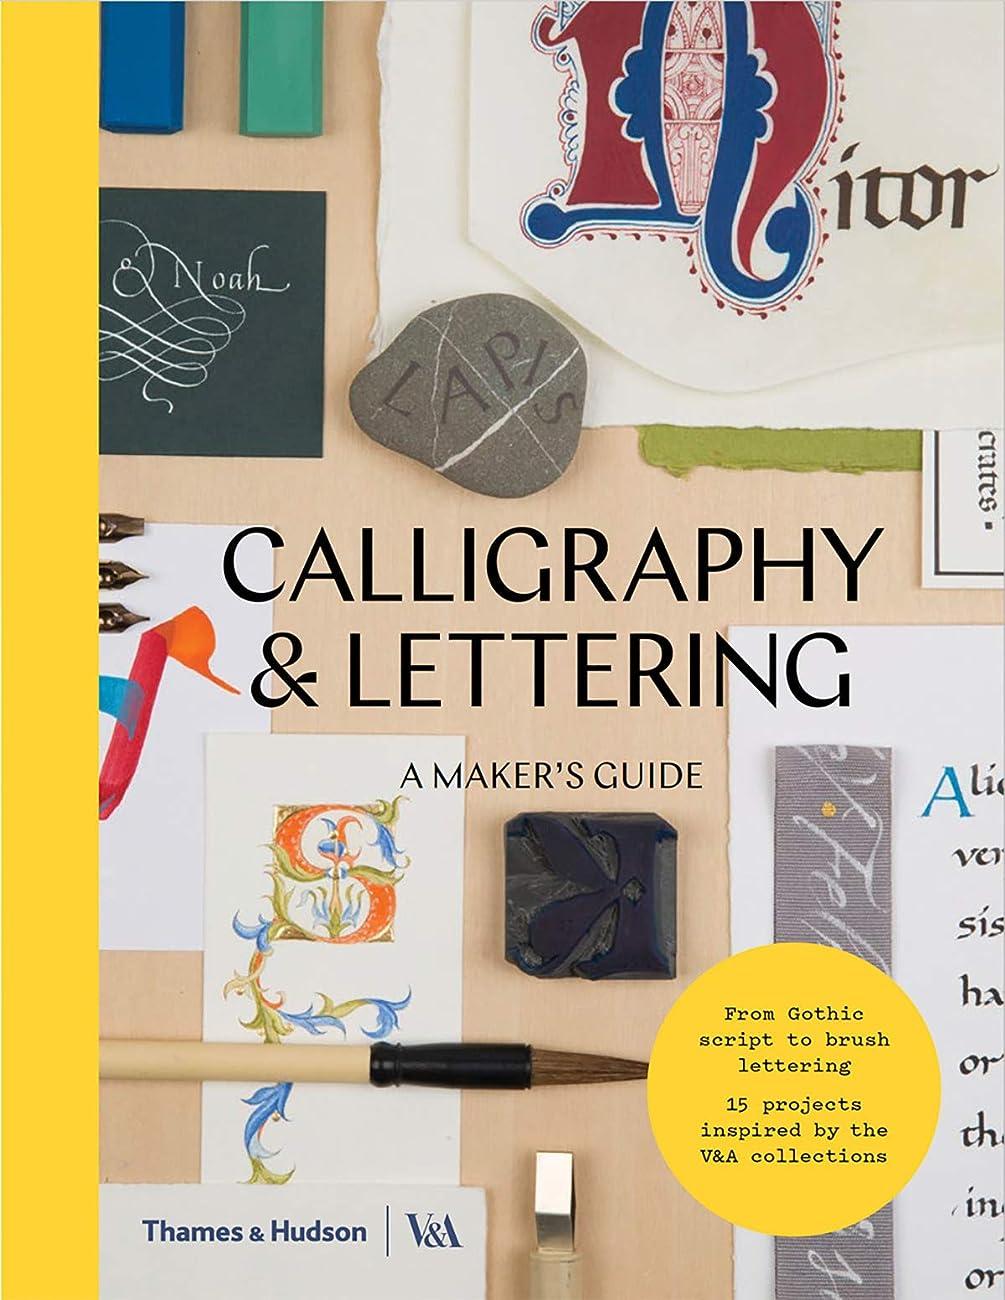 マイルストーン拍手パイロットMastering Modern Calligraphy: Beyond the Basics: 2,700+ Pointed Pen Exemplars and Exercises for Developing Your Style